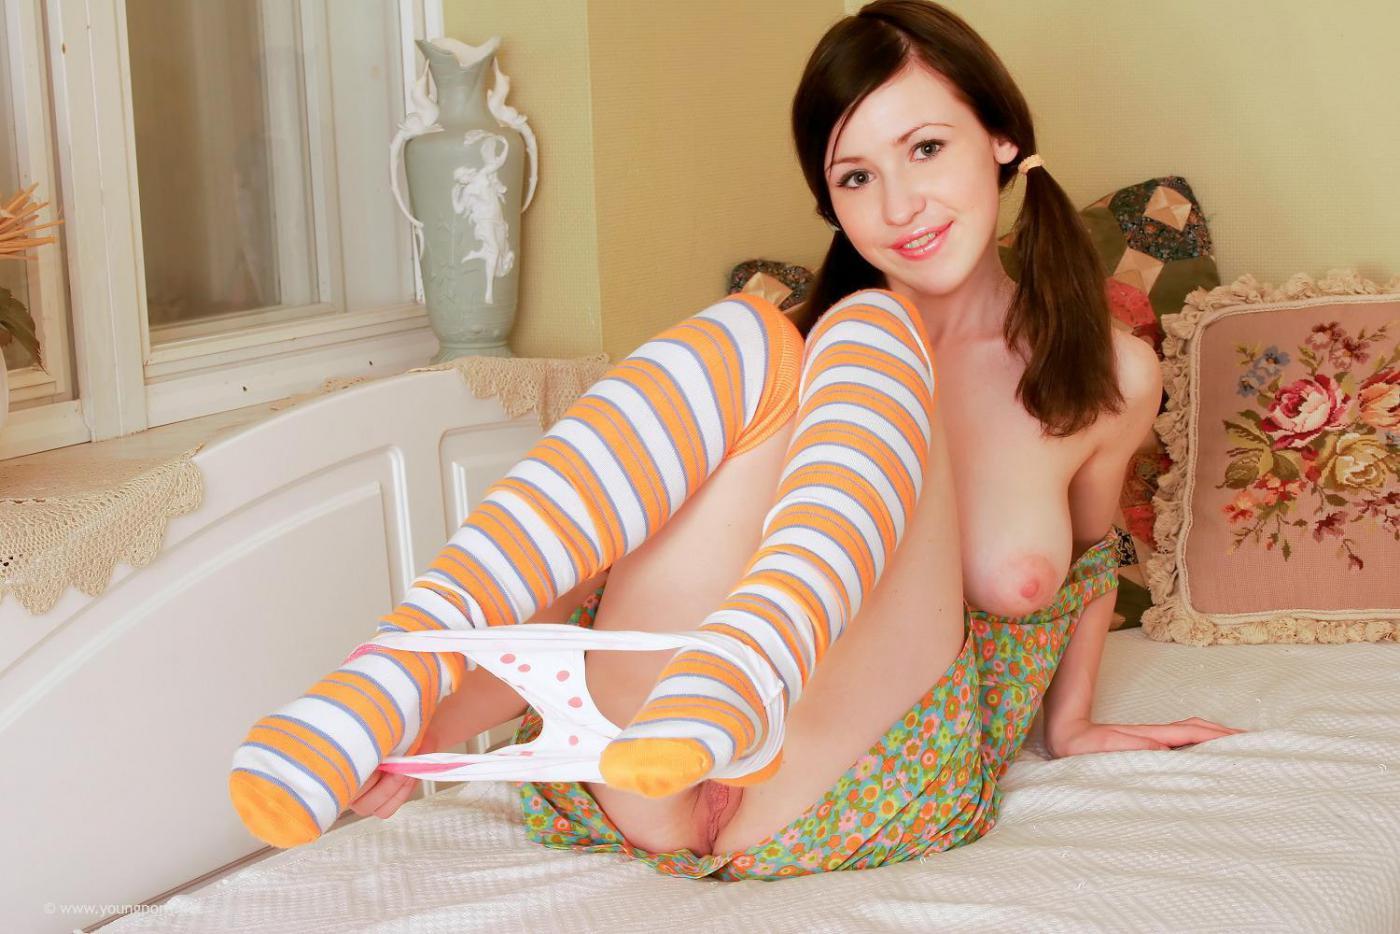 Молоденькая шатенка Devyn Sapphic обнажает выбритую писю и  наполняет ее интим игрушкой